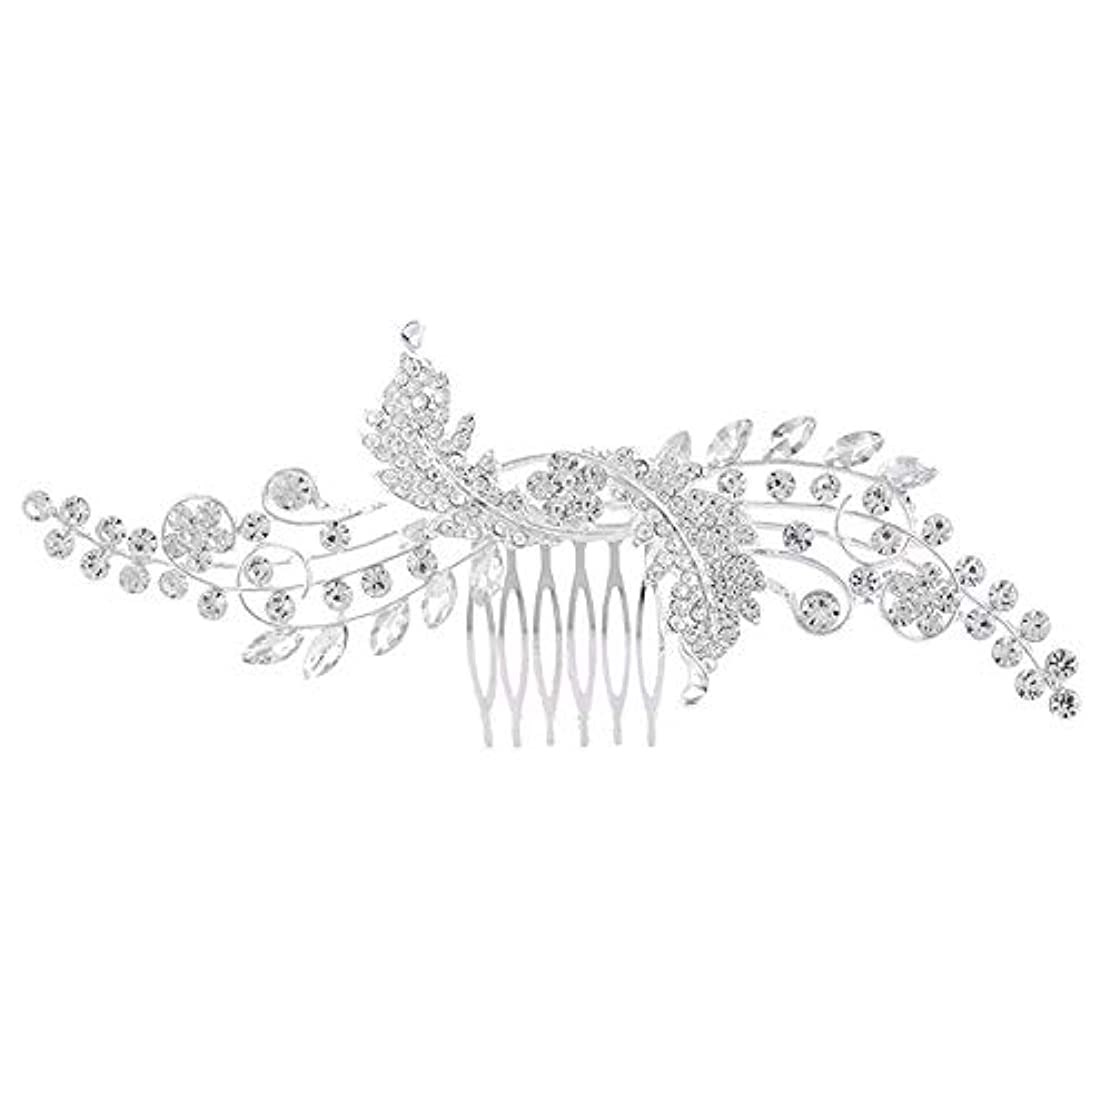 登録する剪断ストレスブライダルジュエリー_ブライダルヘアコームコームコームブライダルジュエリー韓国の合金結婚式クラウン工場卸売